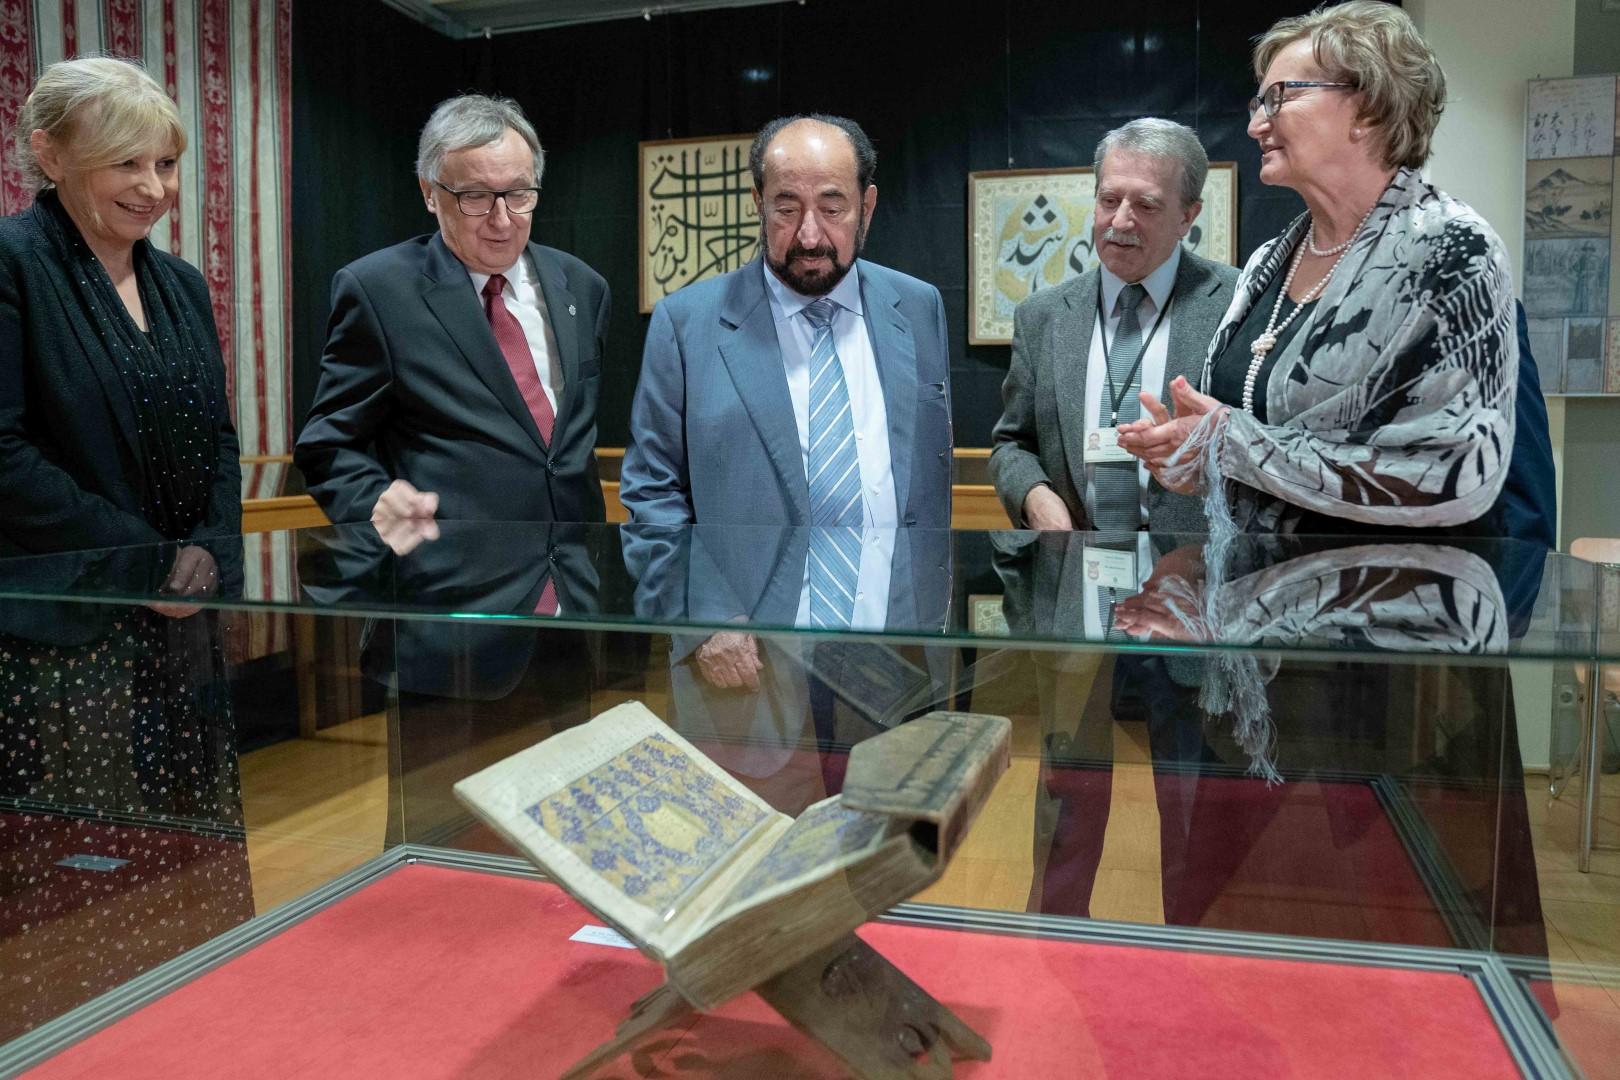 حاكم الشارقة يزور مكتبة ياجيلونيان في بولندا